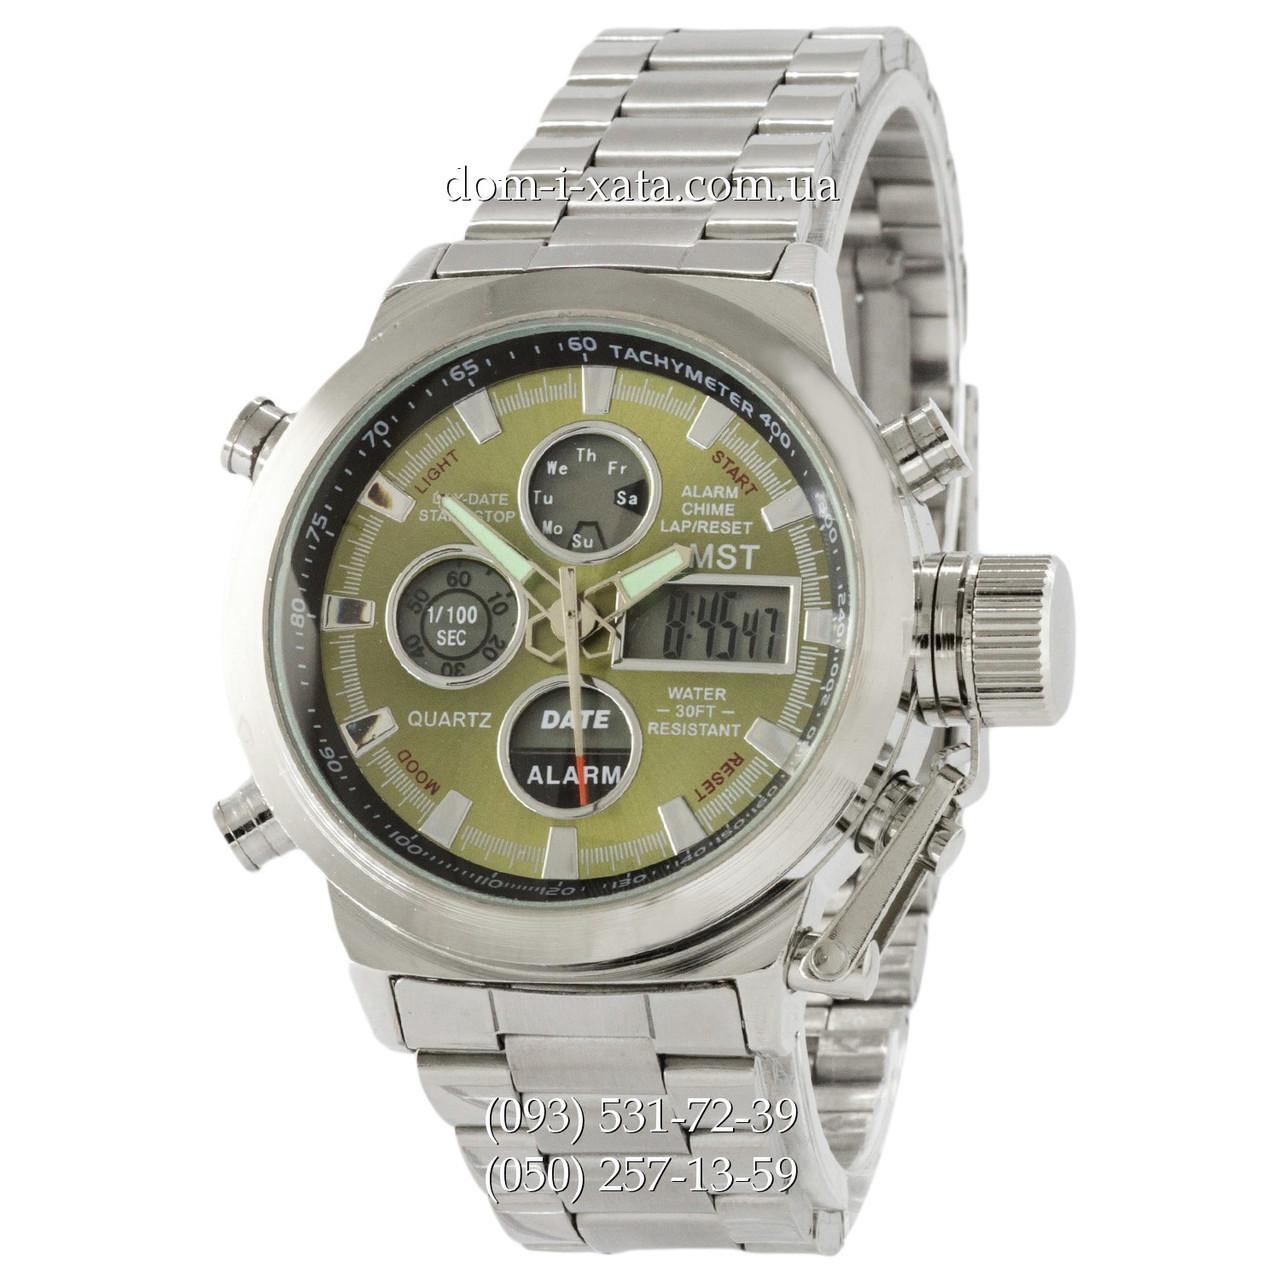 Армейские часы AMST Metall Silver-Green, кварцевые, противоударные, наручные мужские часы АМСТ, реплика отличное качество!